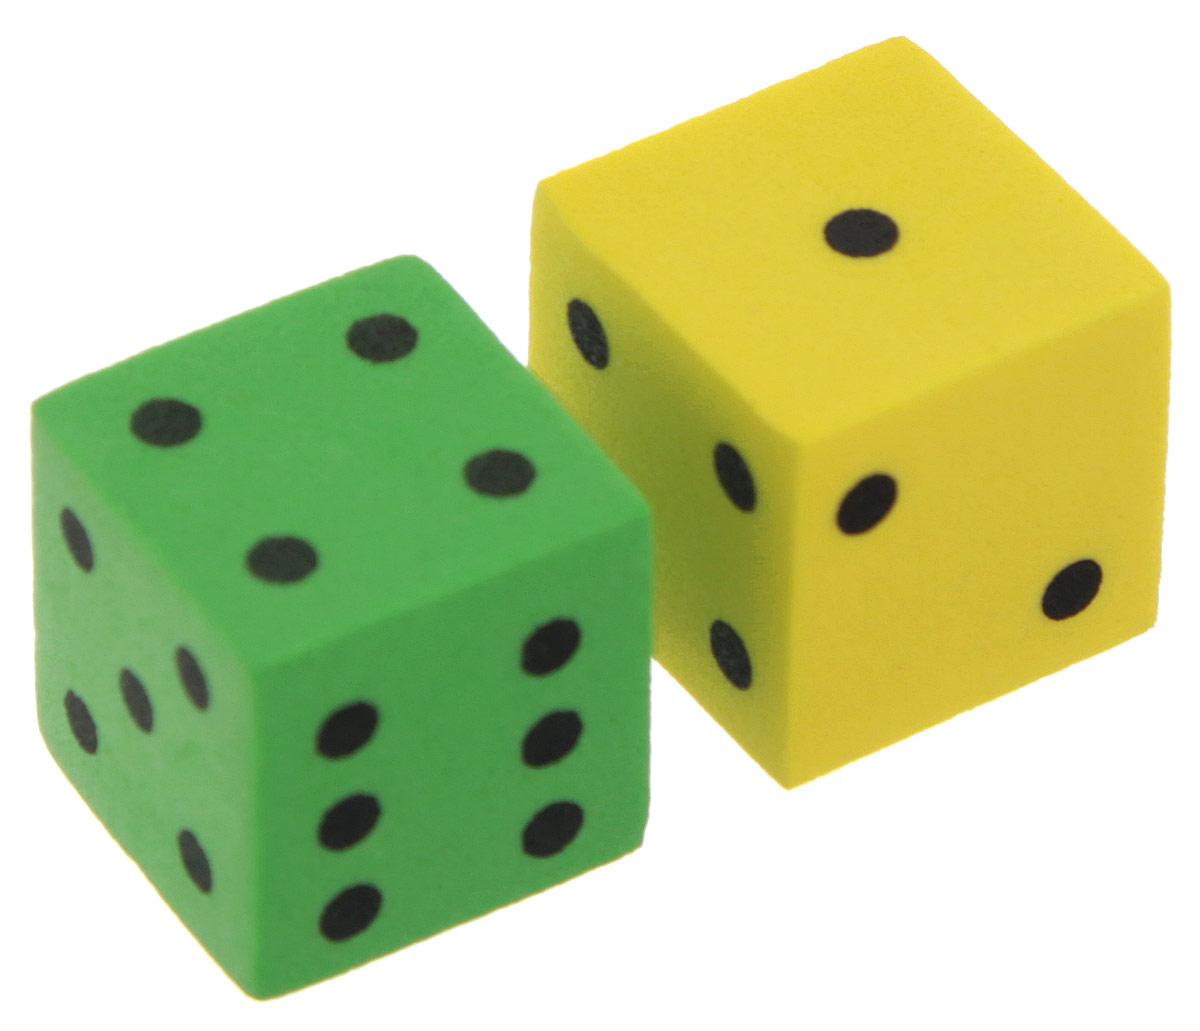 Koplow Games Набор игральных костей Шестигранный D6 цвет желтый зеленый 2 шт17268_желтый,зеленыйНабор игральных костей Шестигранный предназначен для настольных игр. Набор состоит из двух шестигранных костей, на каждую грань которых нанесены точки от 1 до 6. Целью кубика является демонстрация случайно определенного целого числа от одного до шести, каждое из которых является равновозможным благодаря правильной геометрической форме. Игральные кости выполнены из мягкого пластика. Не рекомендуется детям до 3-х лет.